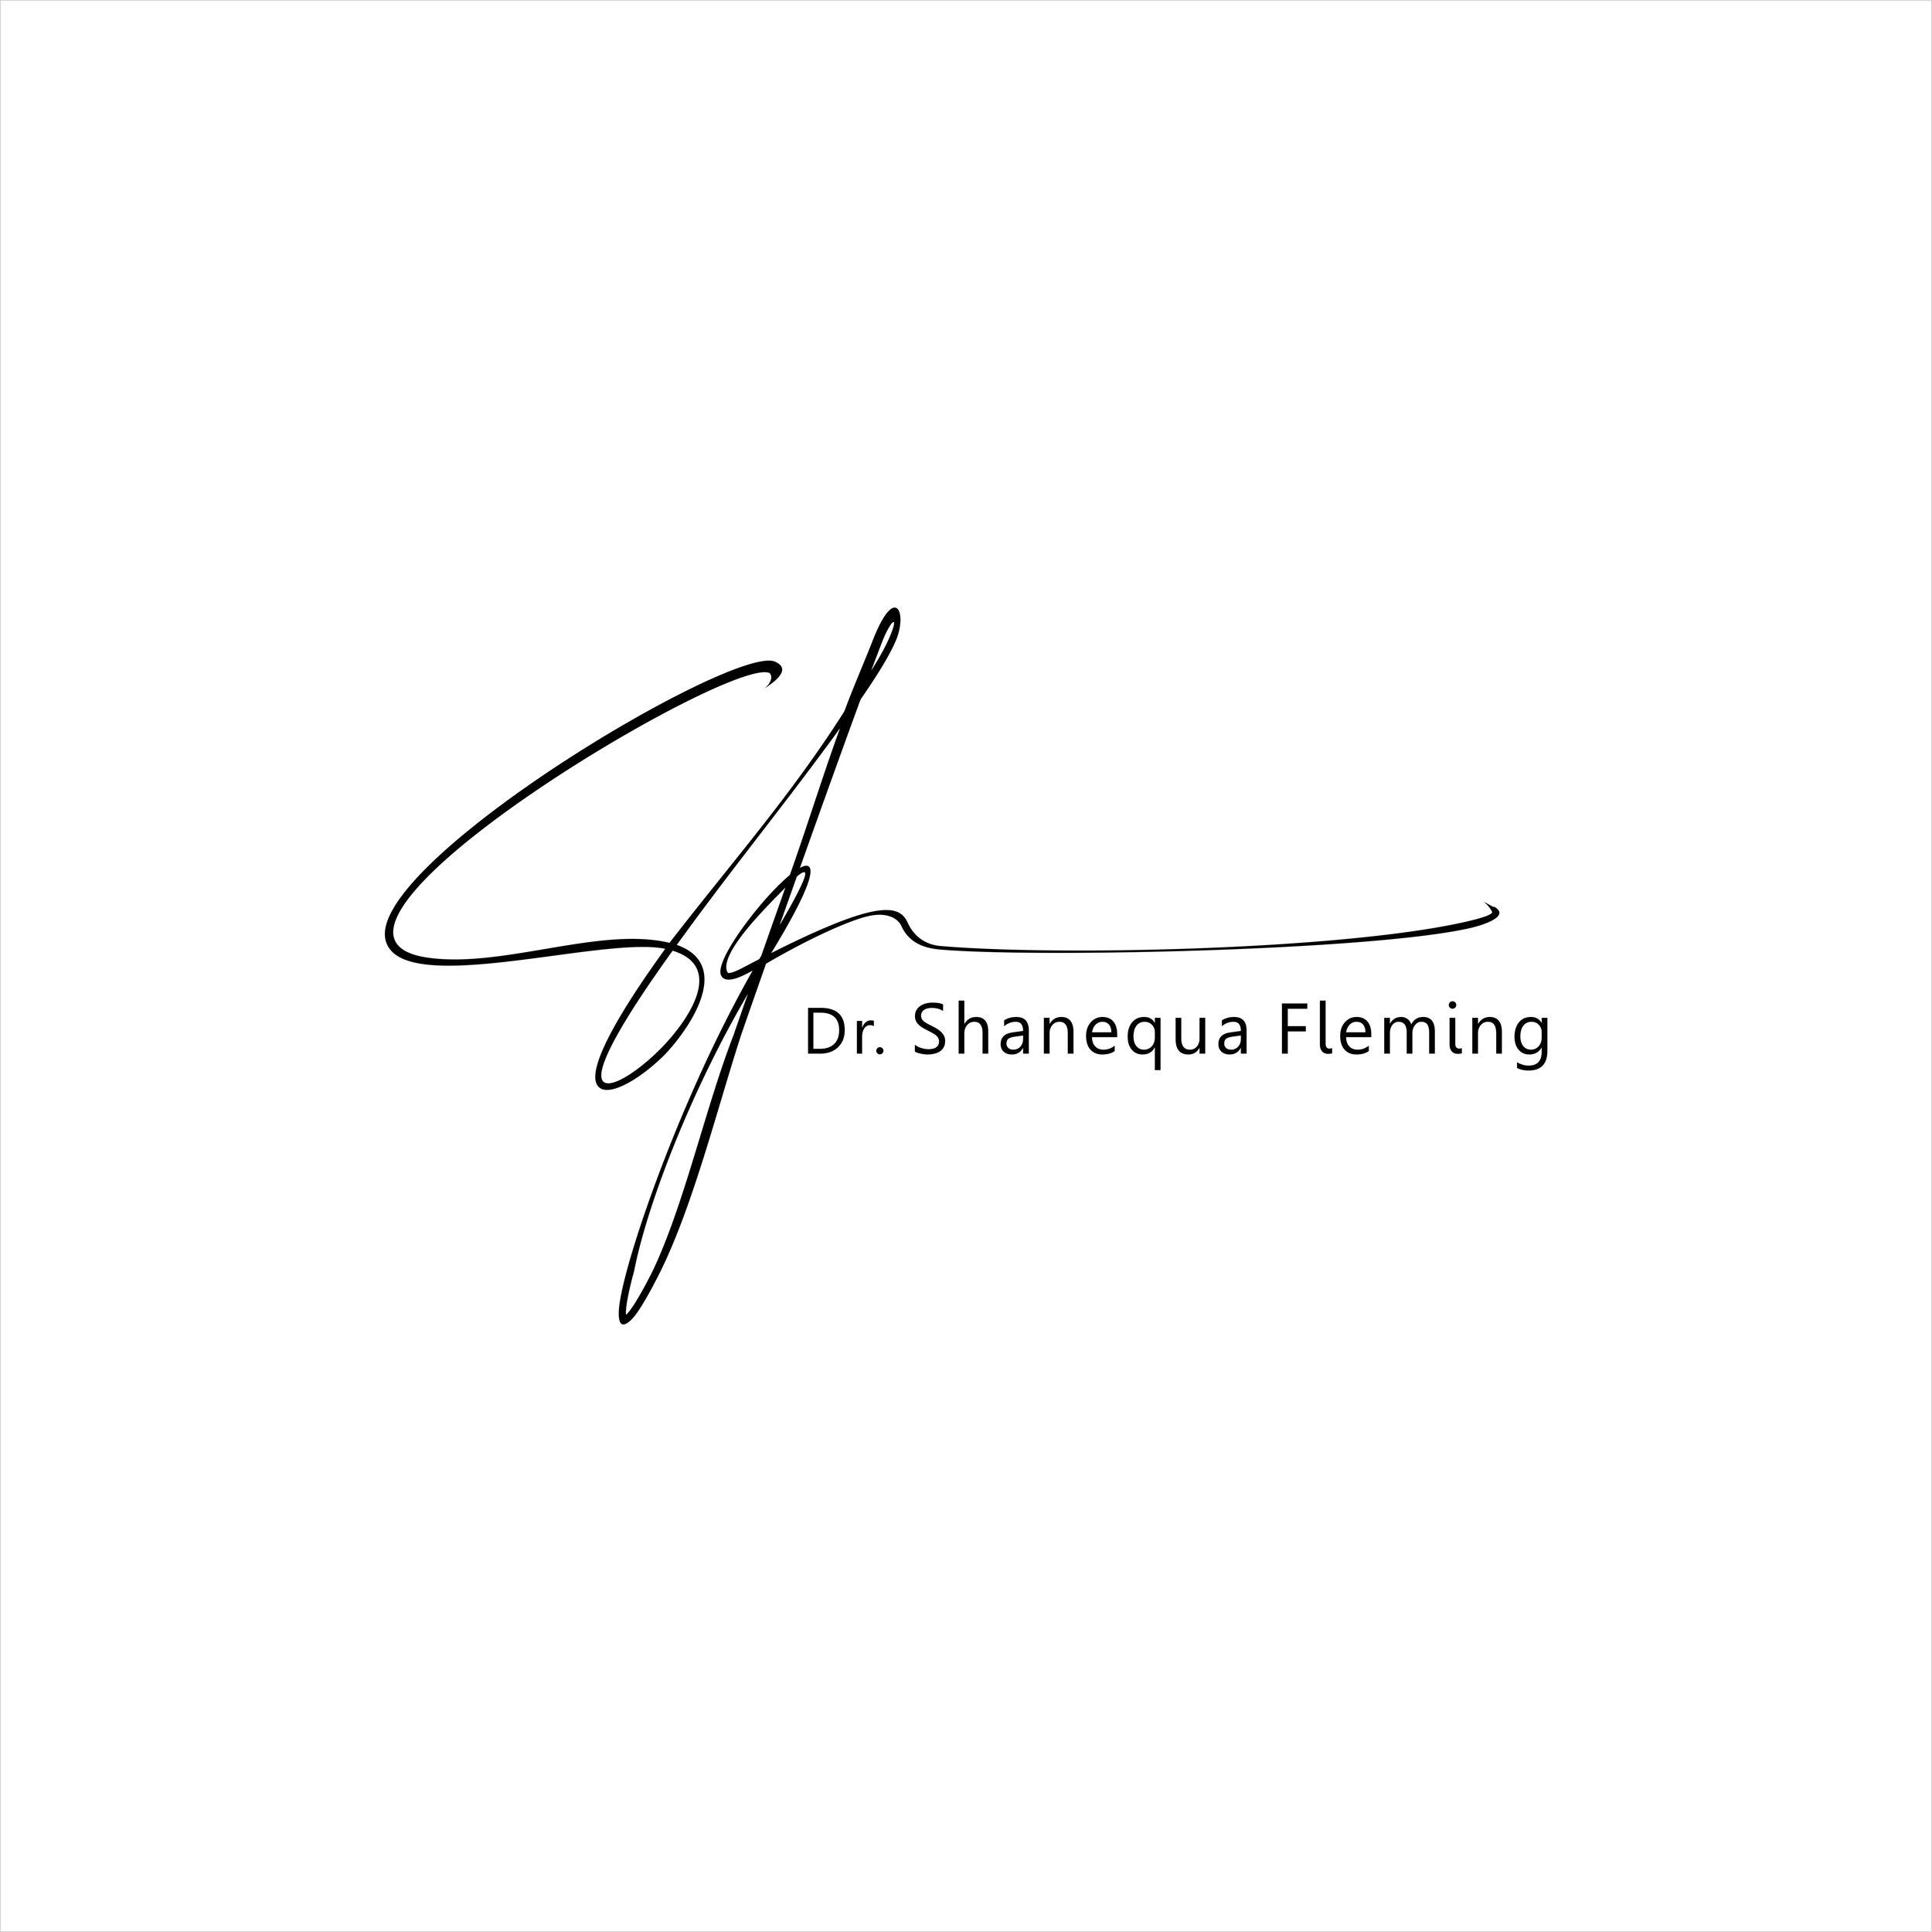 Logo_Black_on_White.jpg